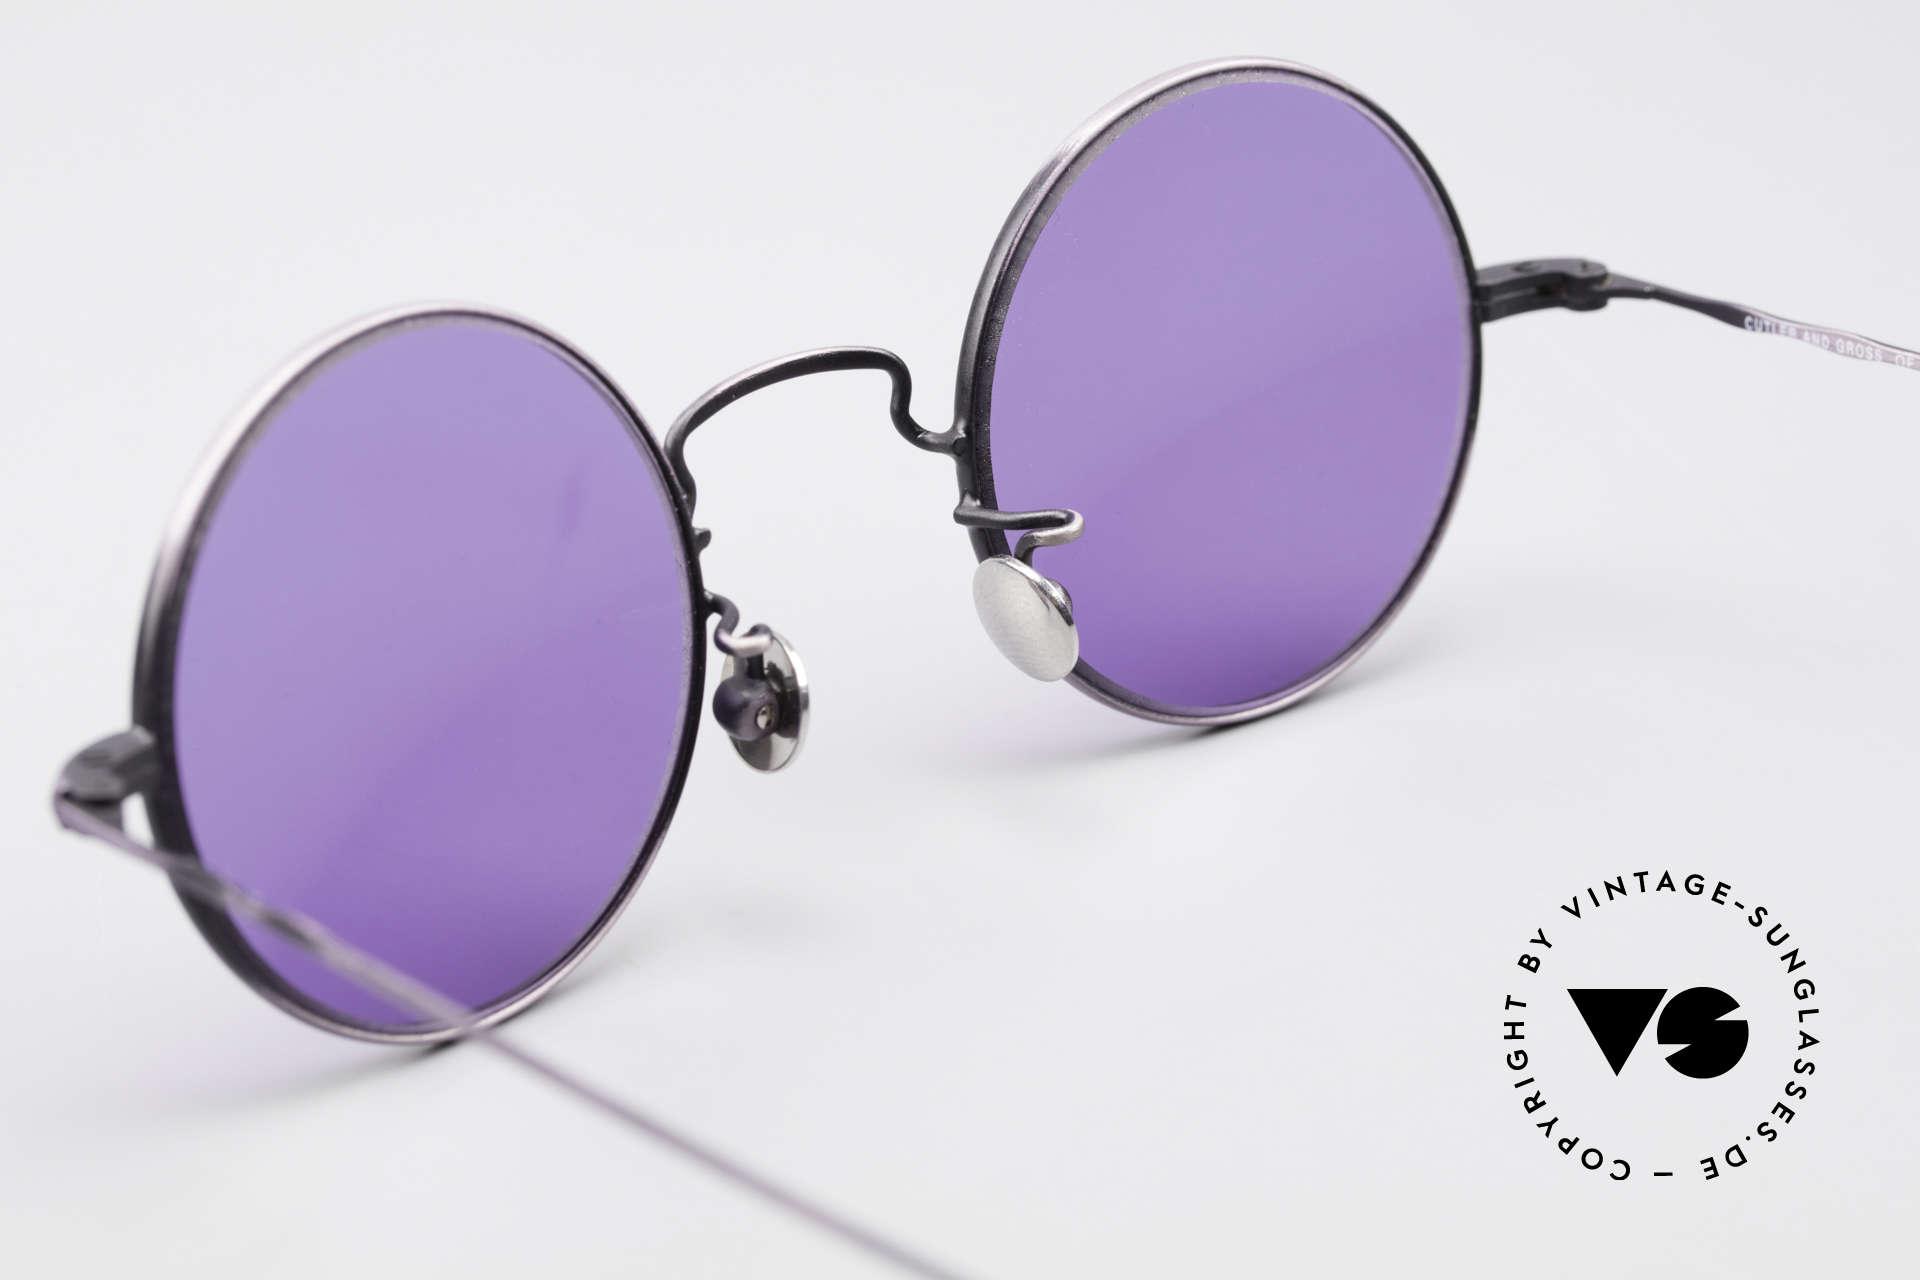 Cutler And Gross 0408 Runde Designer Vintage Brille, ungetragen; Modell ist auch beliebig optisch verglasbar, Passend für Herren und Damen